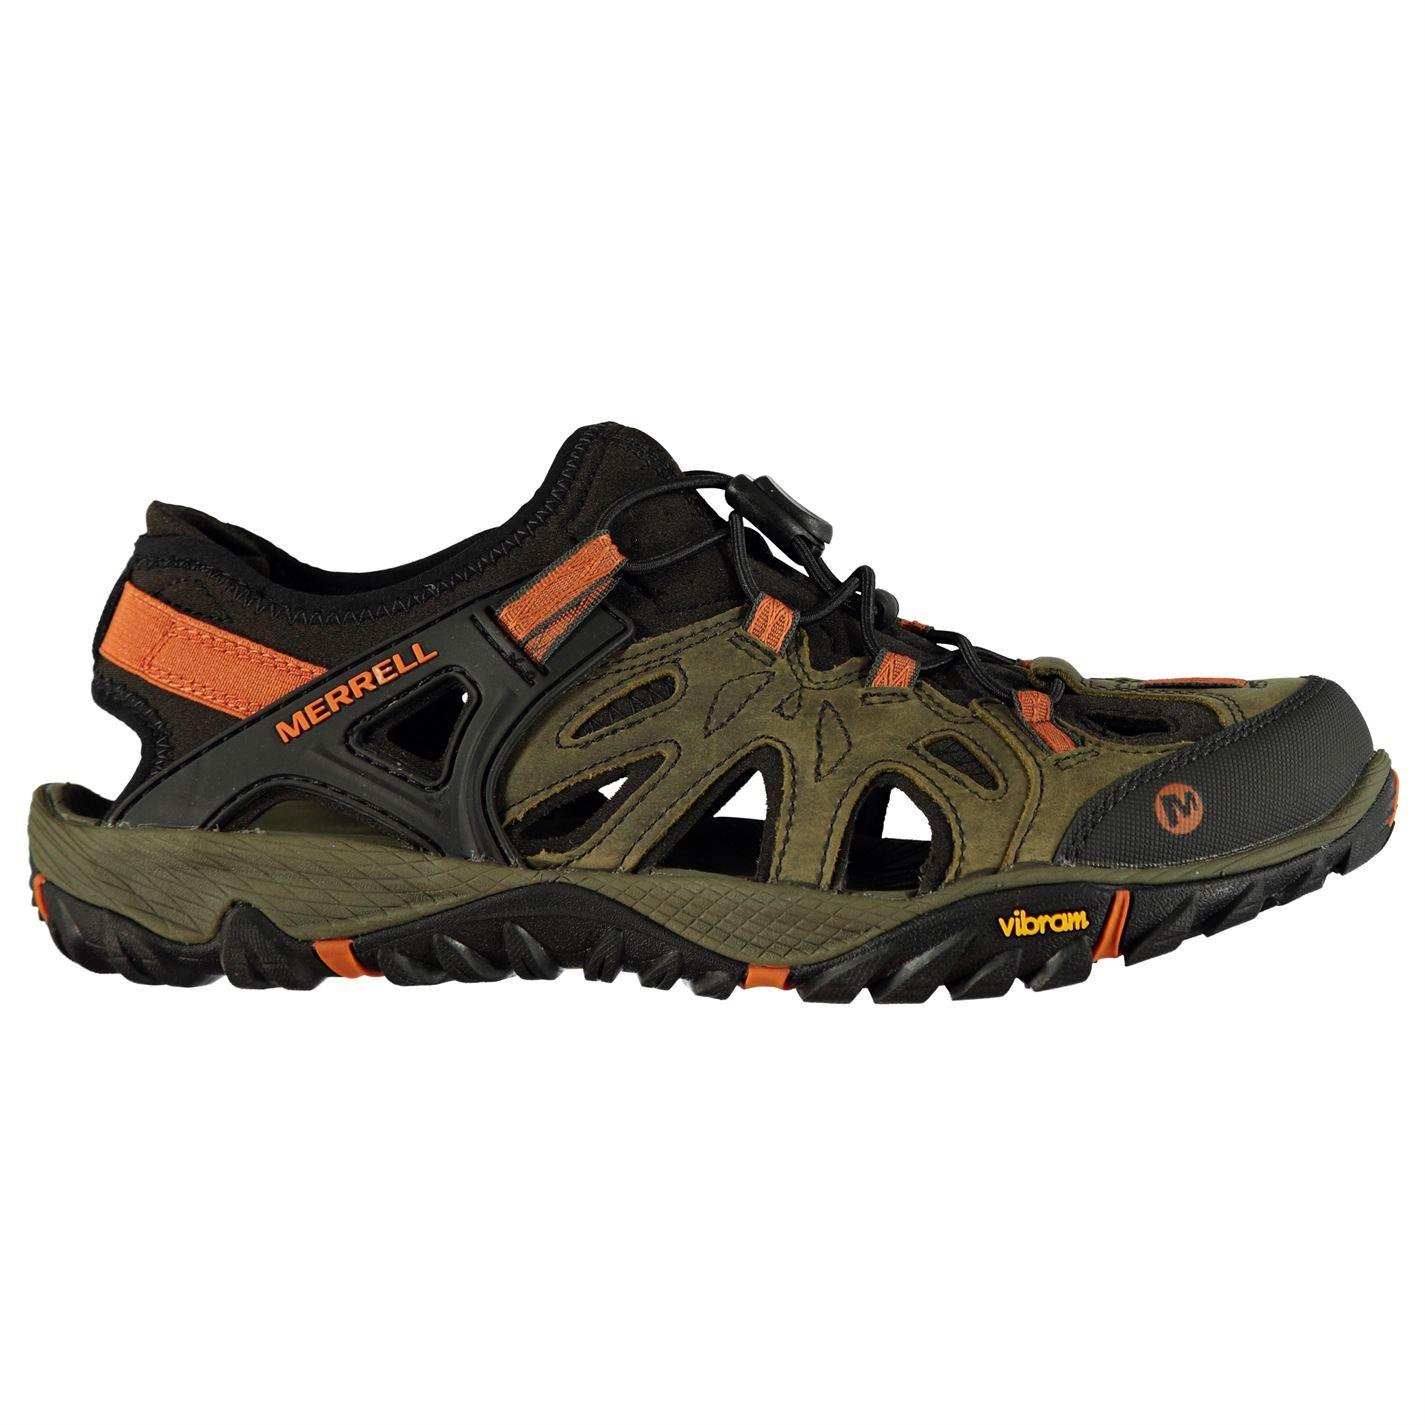 Merrell All Out Blaze Sieve pánské sandály